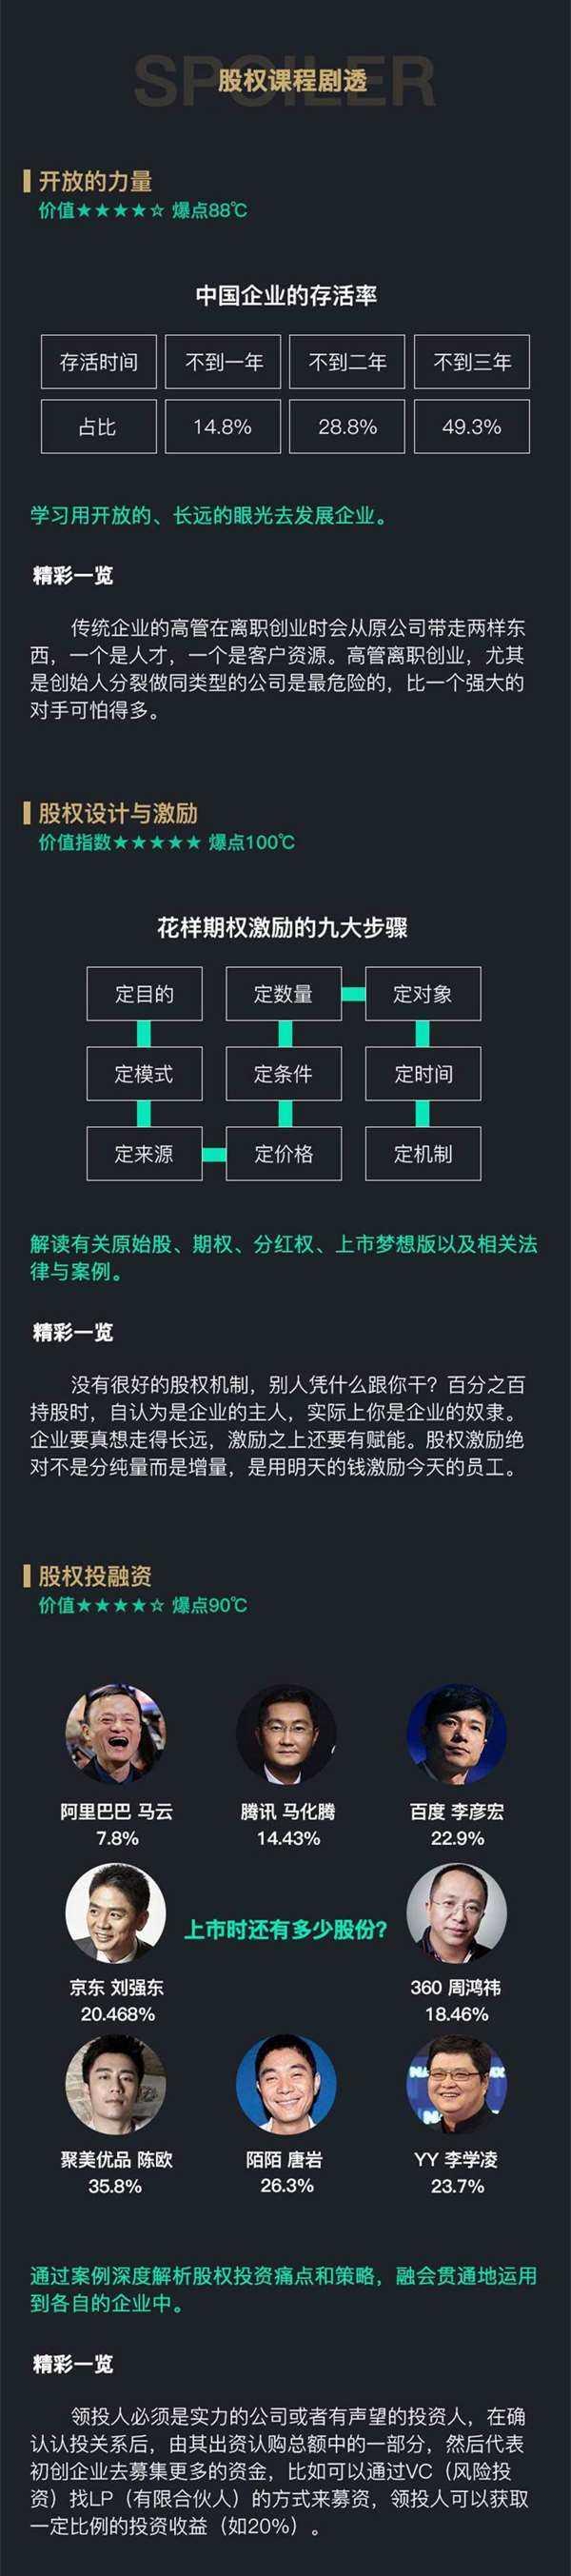 股权课宣传图_2.jpg